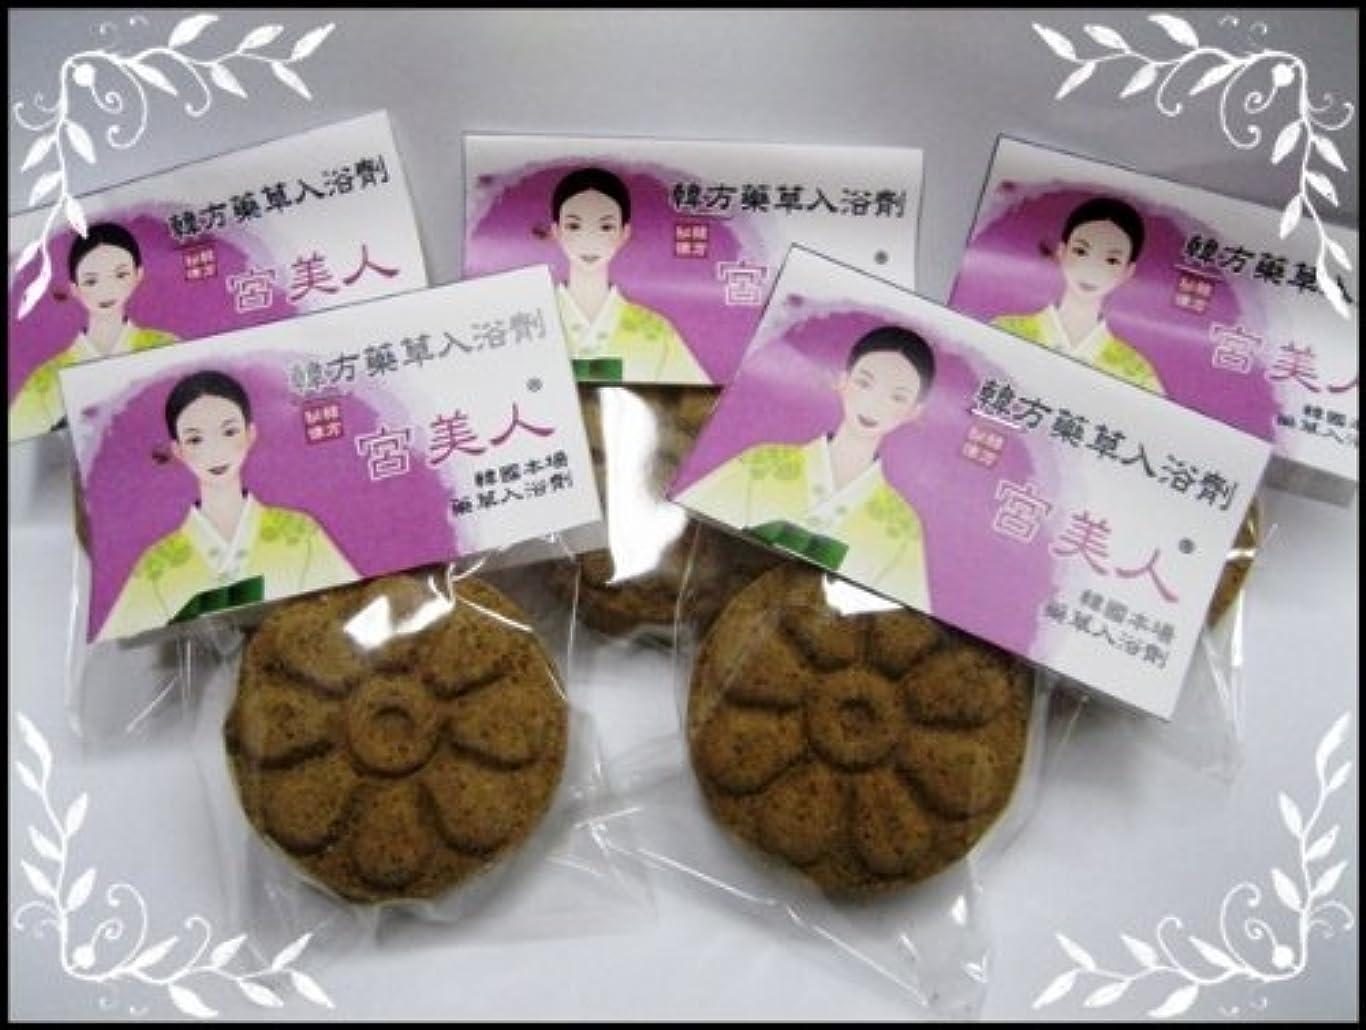 アイロニー売上高機械的に体の温度を1度を上げる韓方薬草宮美人ー ばら売り  ikkoの本に紹介